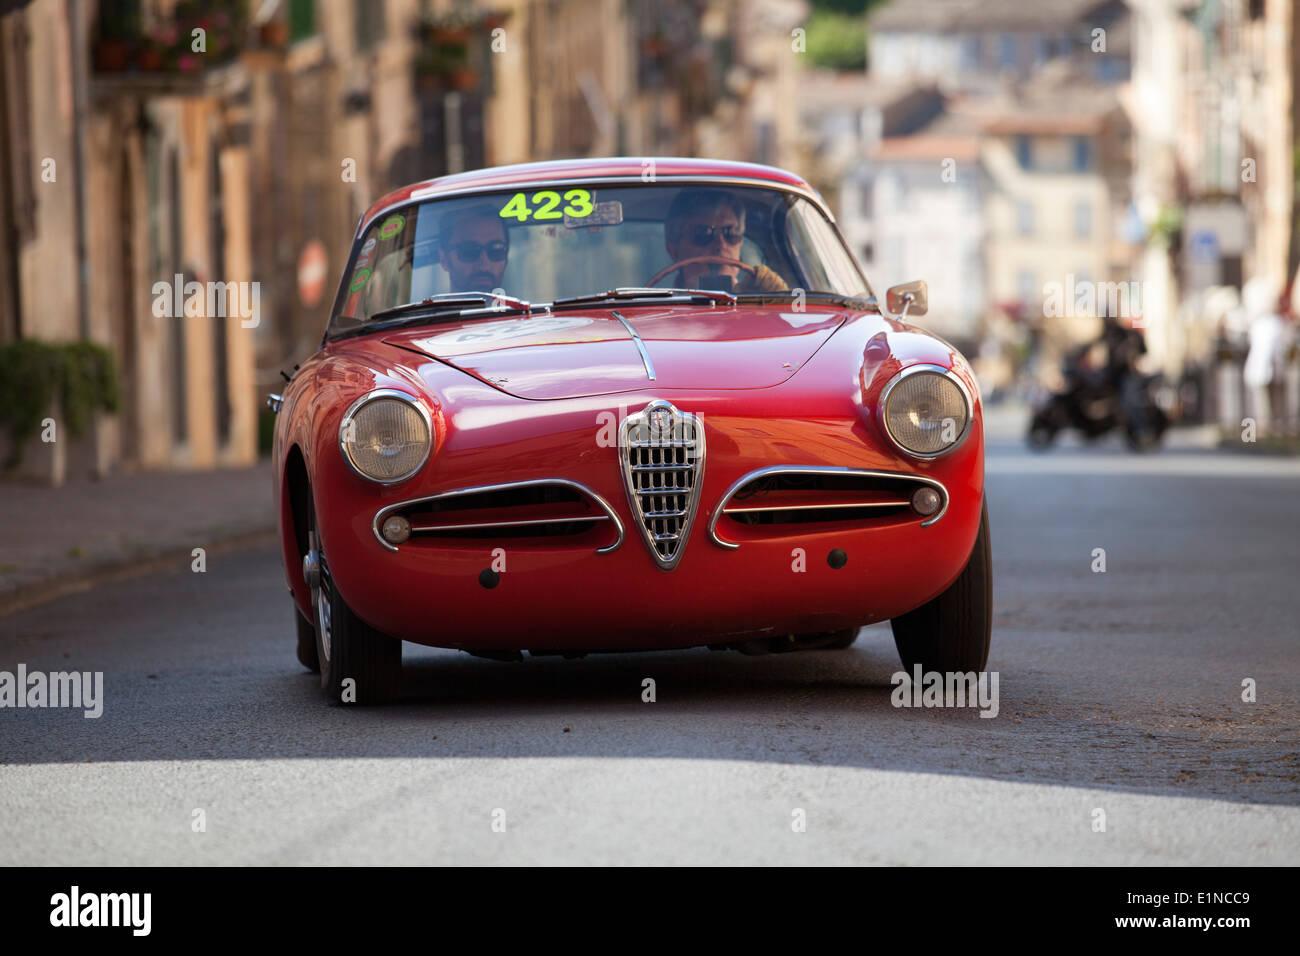 2014 mille miglia classic car rally in Italia. Un 1956 rossa Alfa Romeo 1900 Super Sprint Touring è azionato su una collina a Ronciglione. Immagini Stock